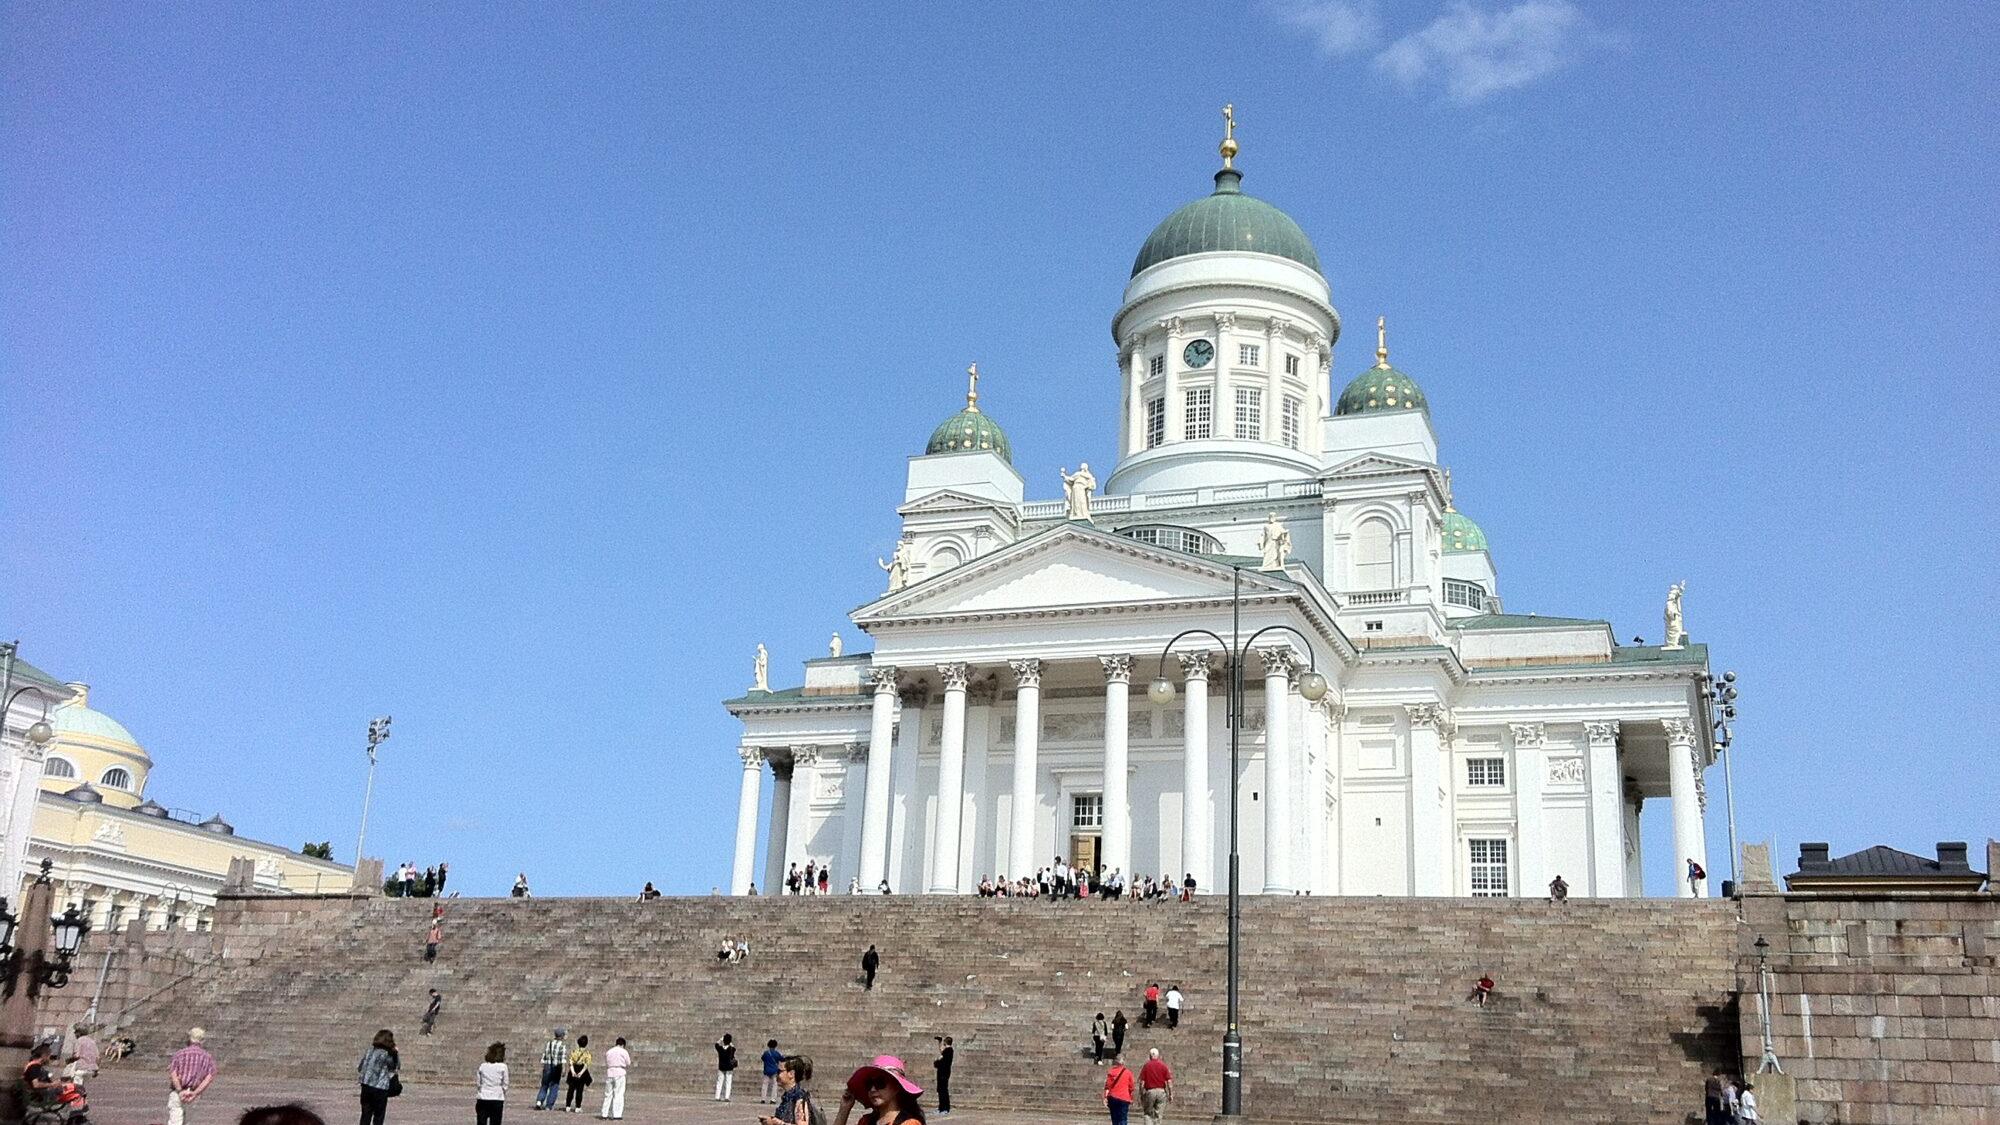 圖 / 1799(赫爾辛基白色大教堂)